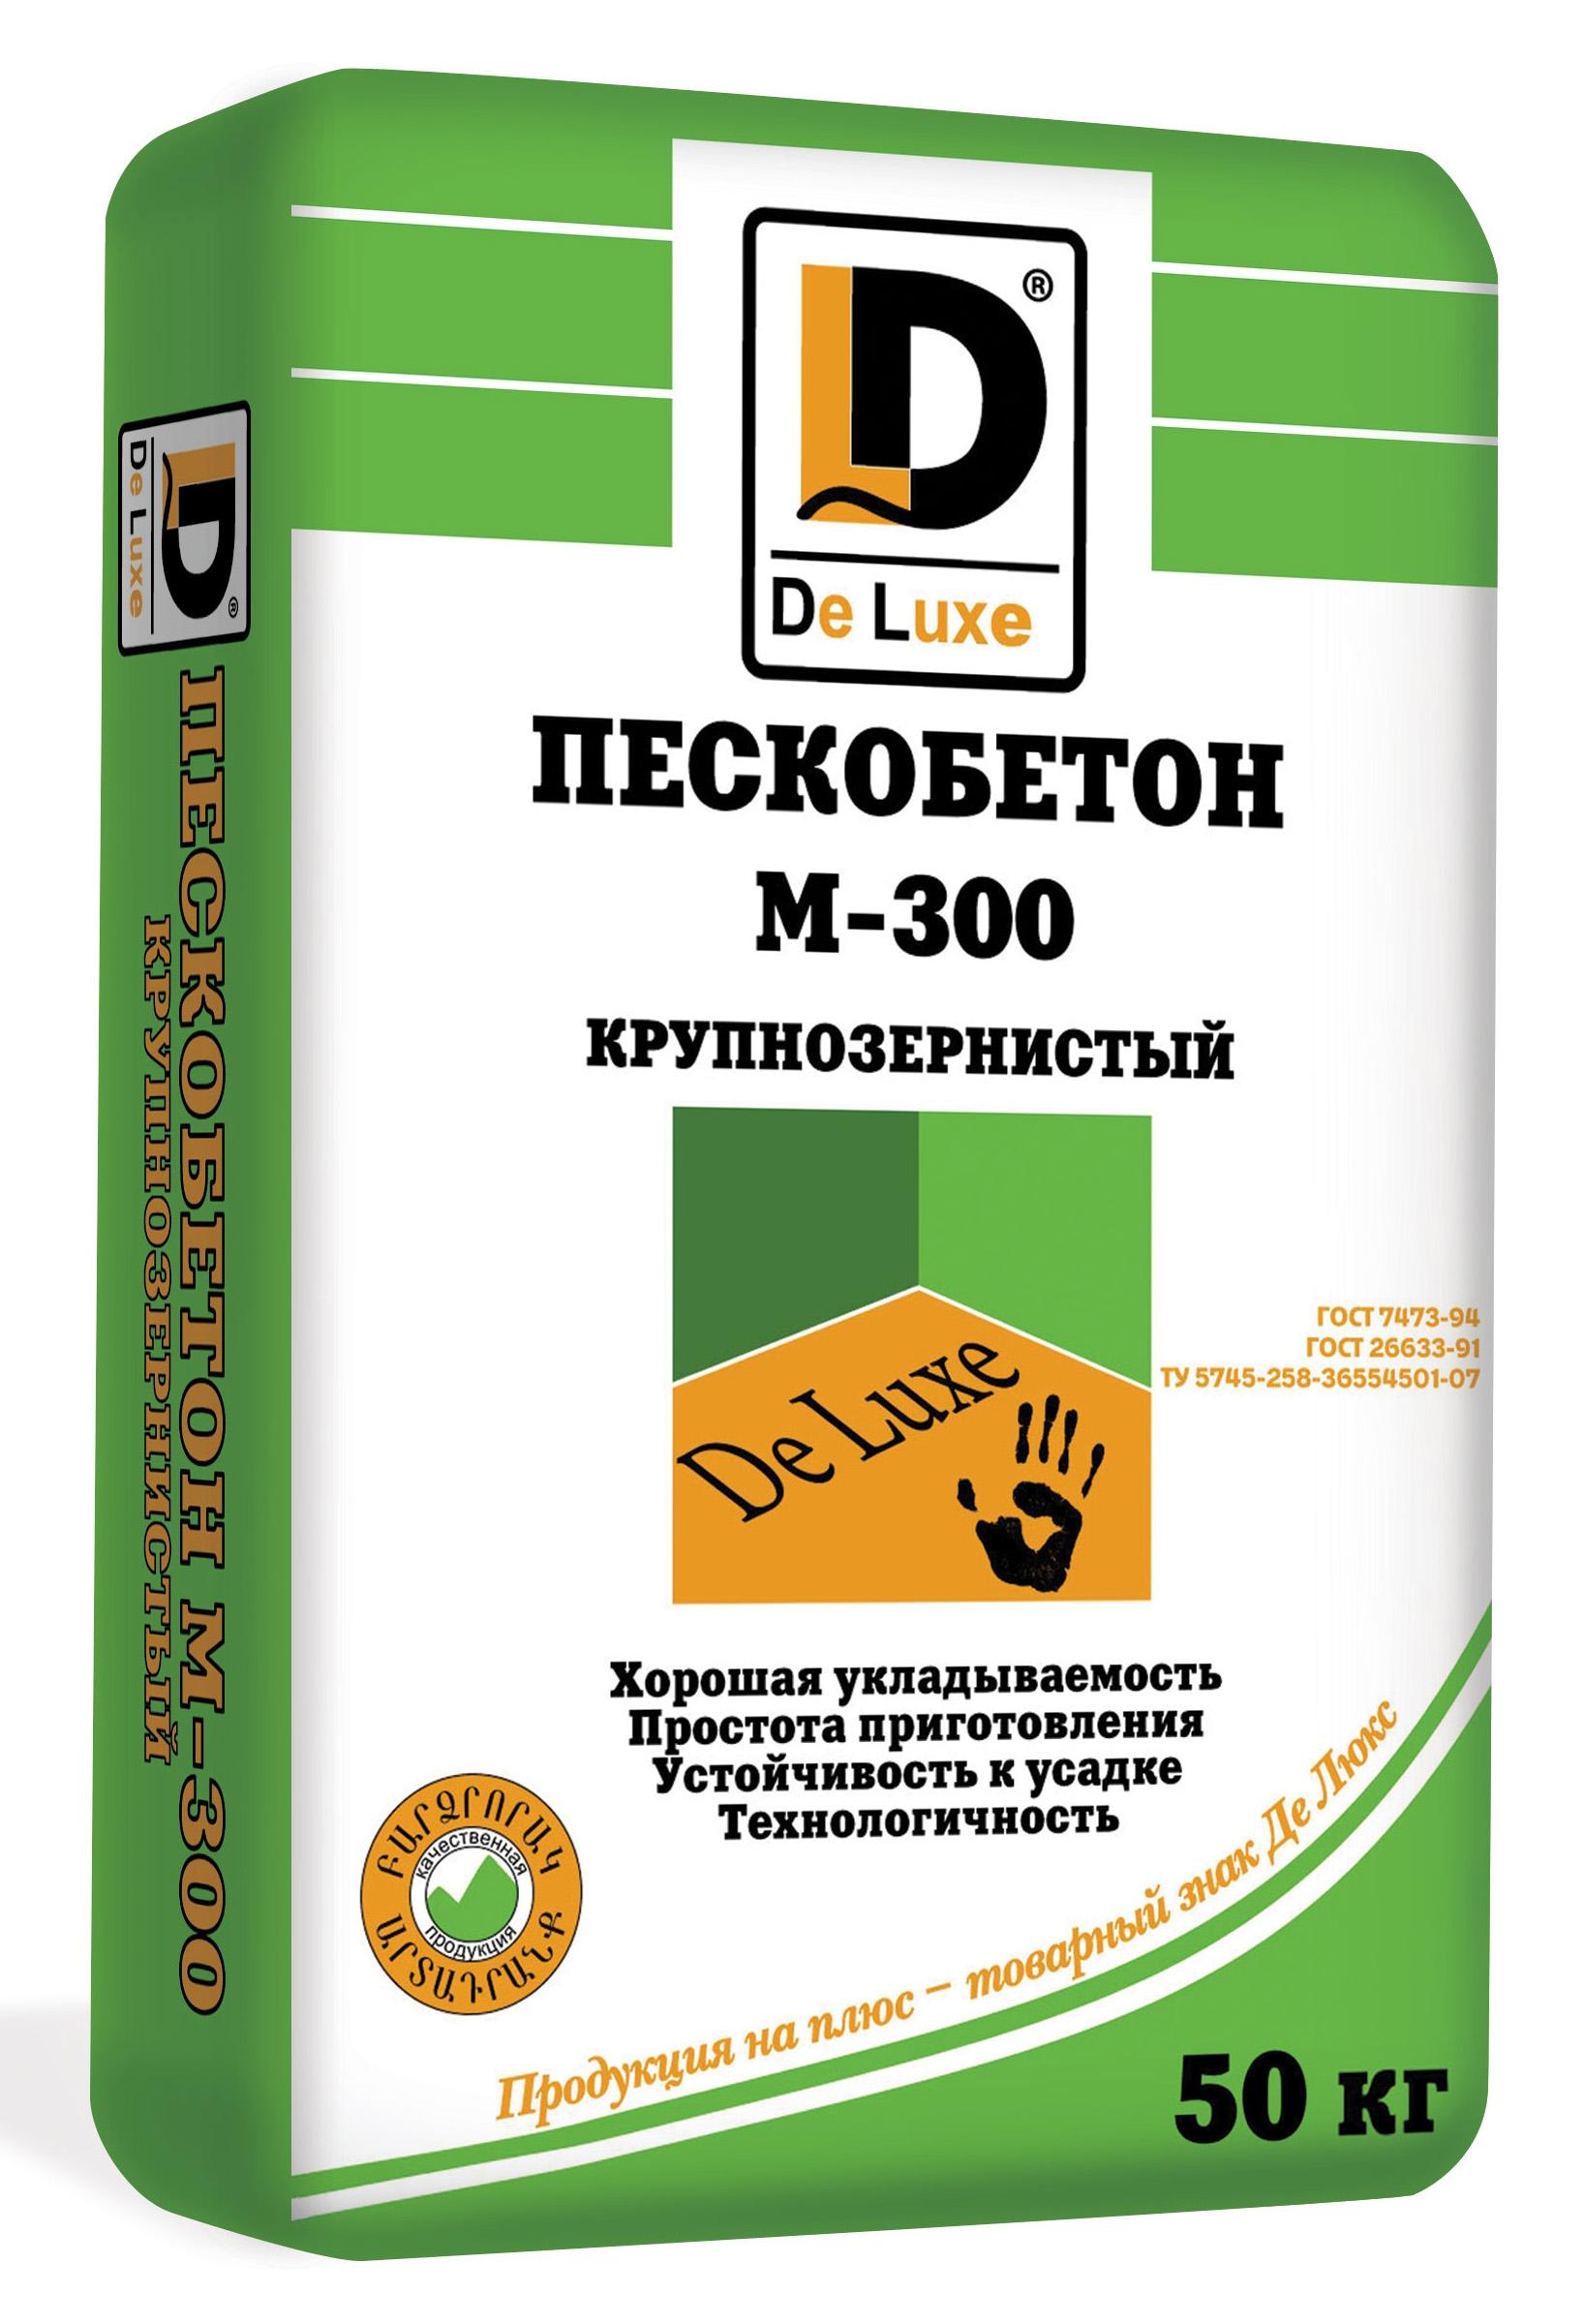 Купить Пескобетон De Luxe M300, 50 кг — Фото №1